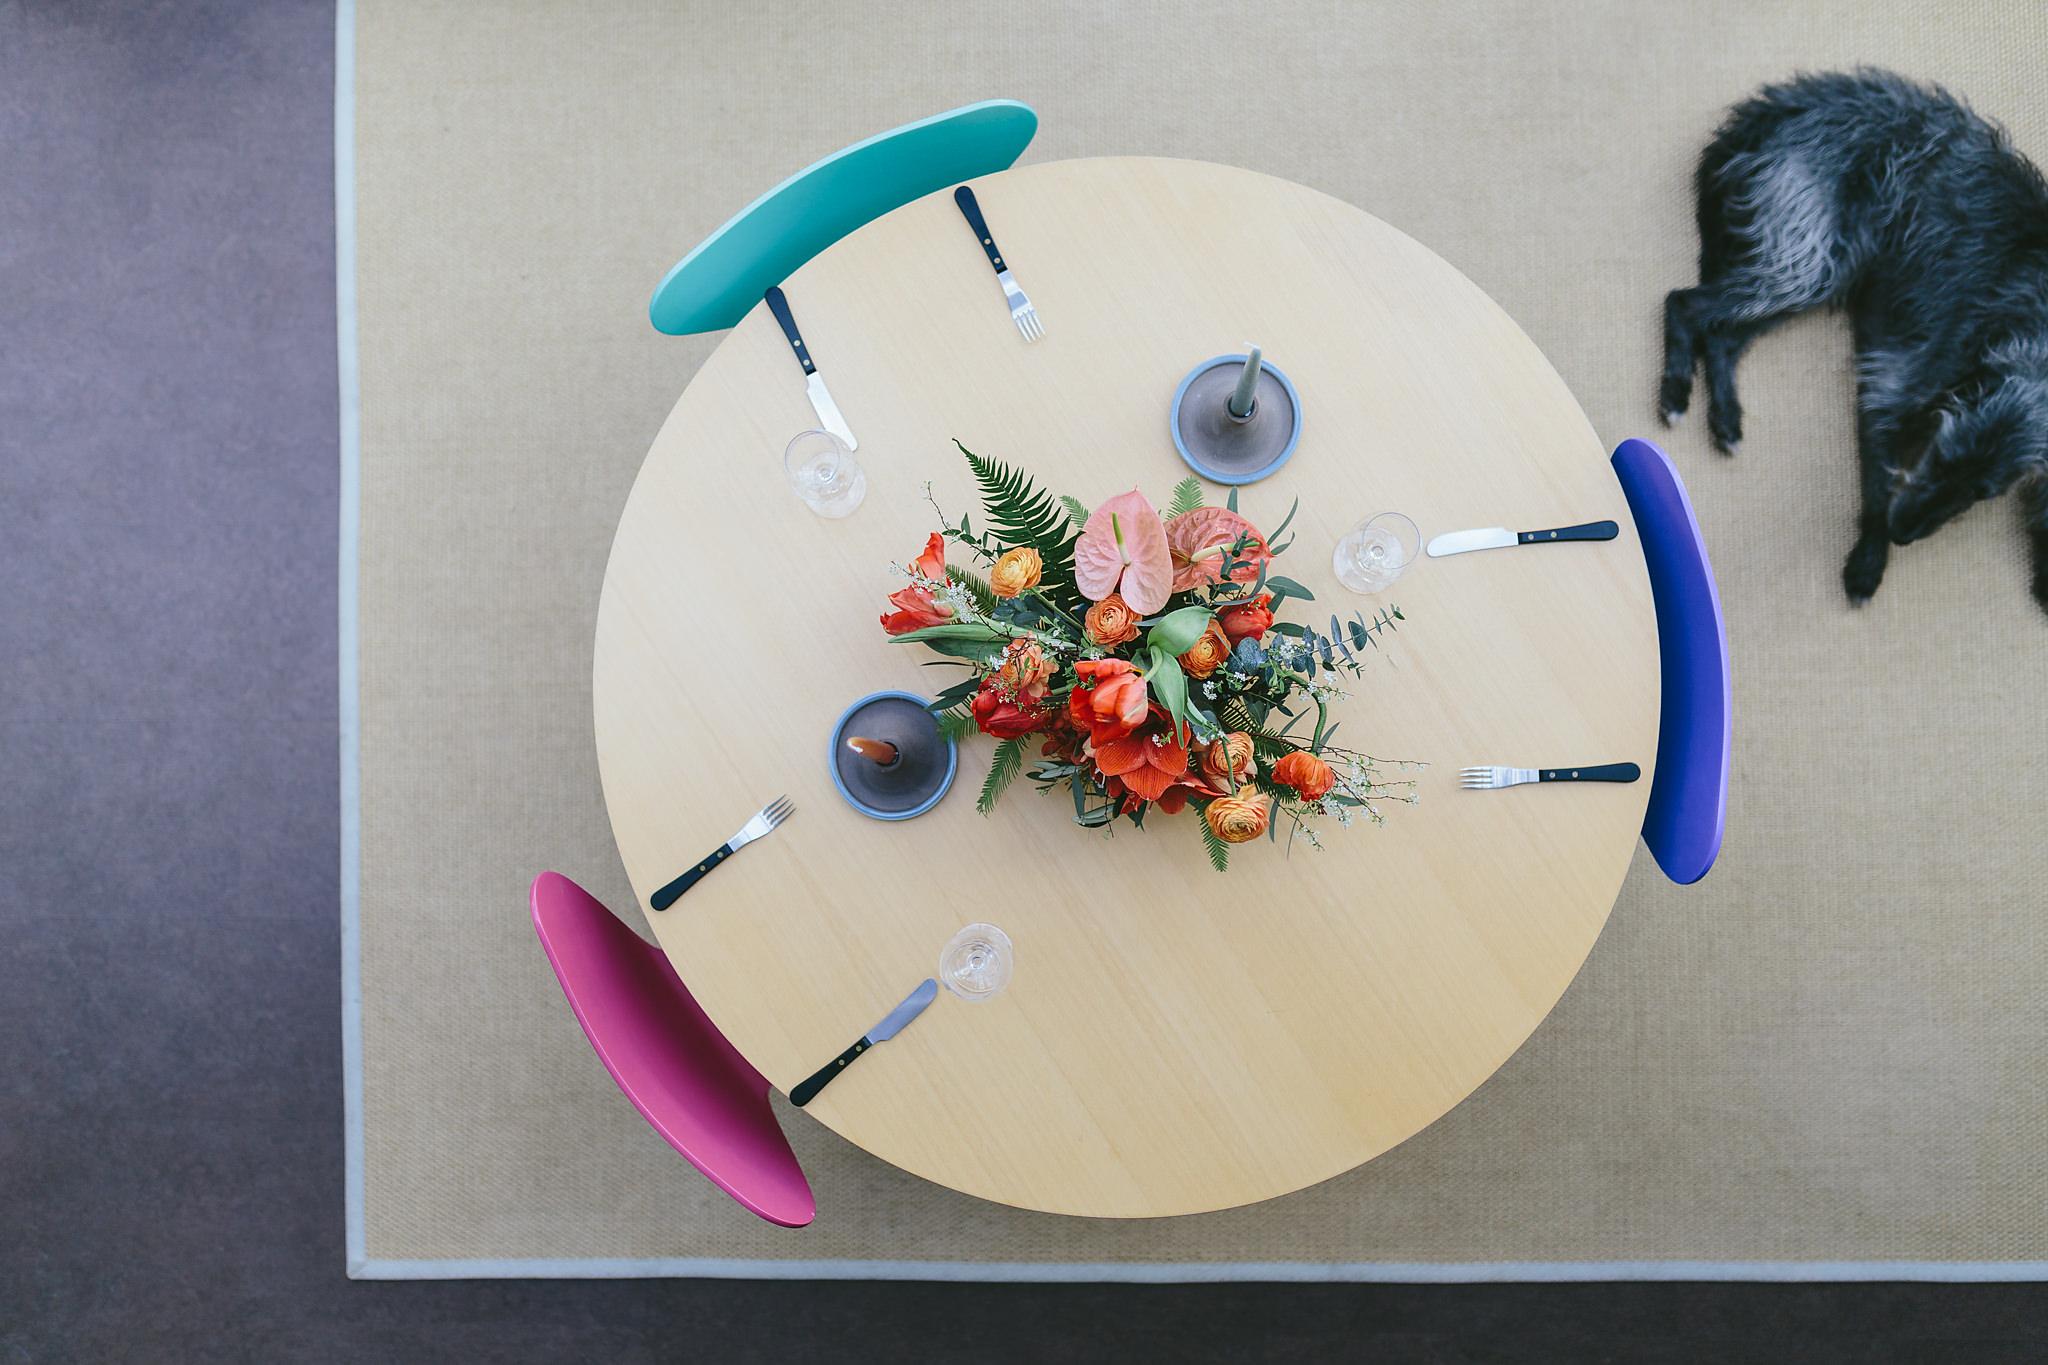 Wildflower_table-1.jpg